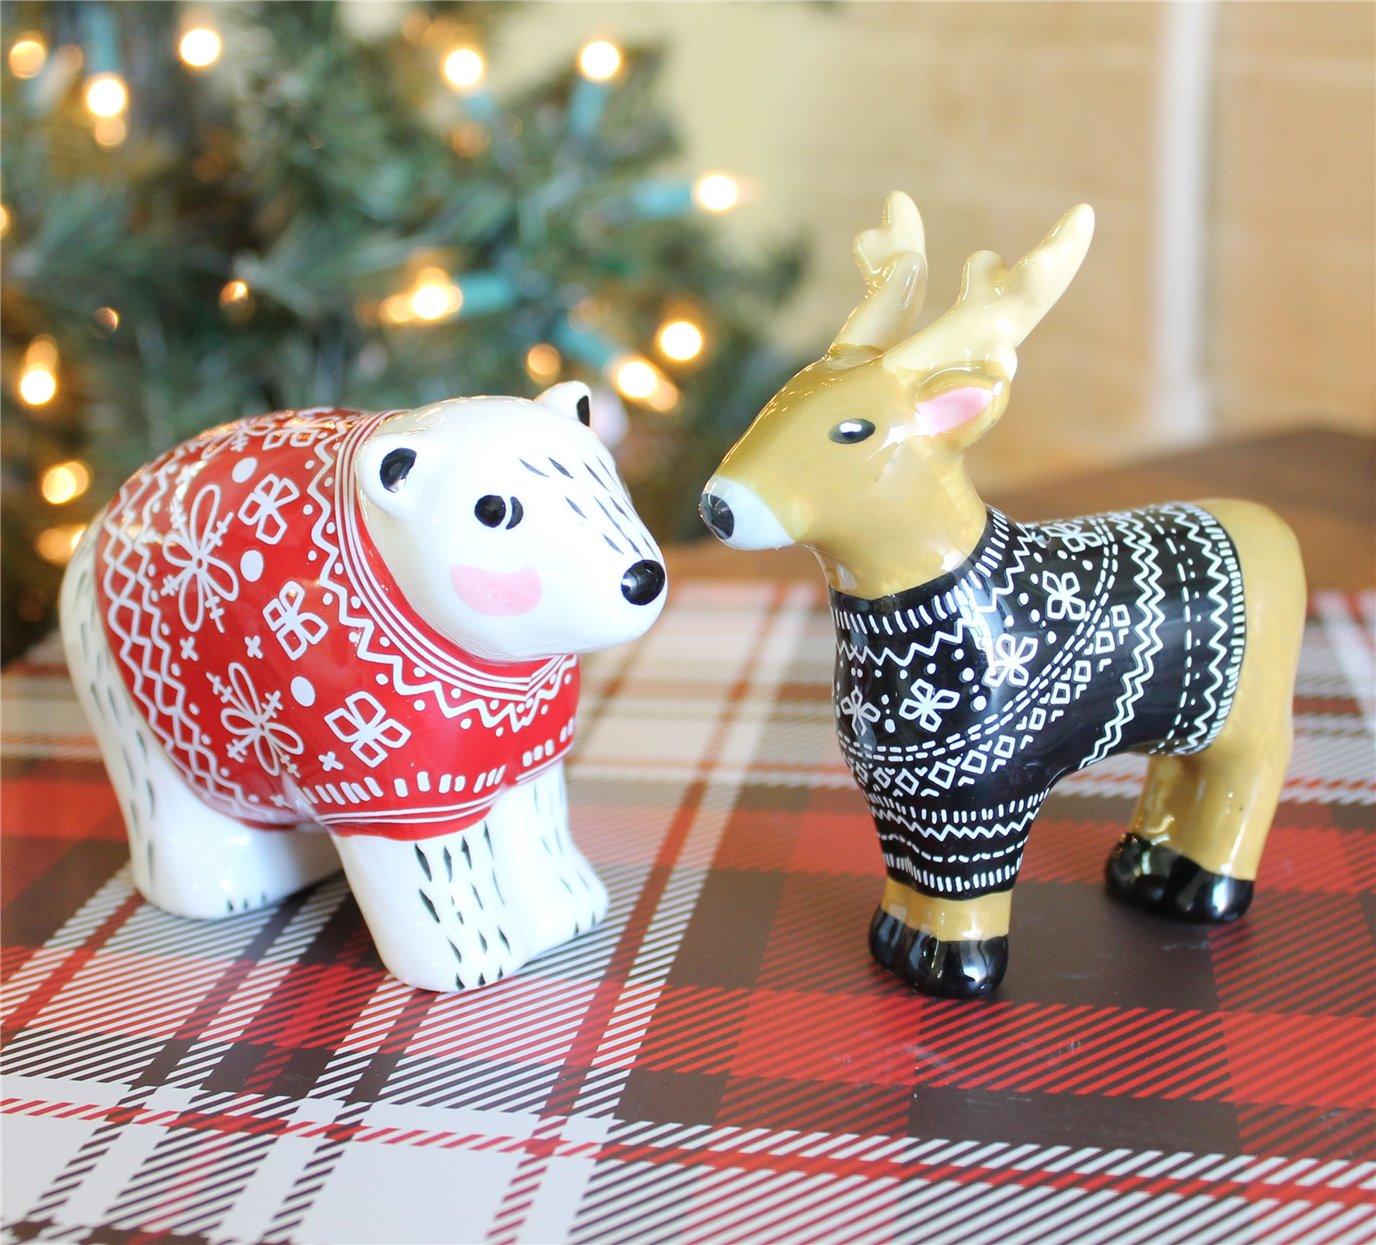 Sweater Friends Salt & Pepper Set